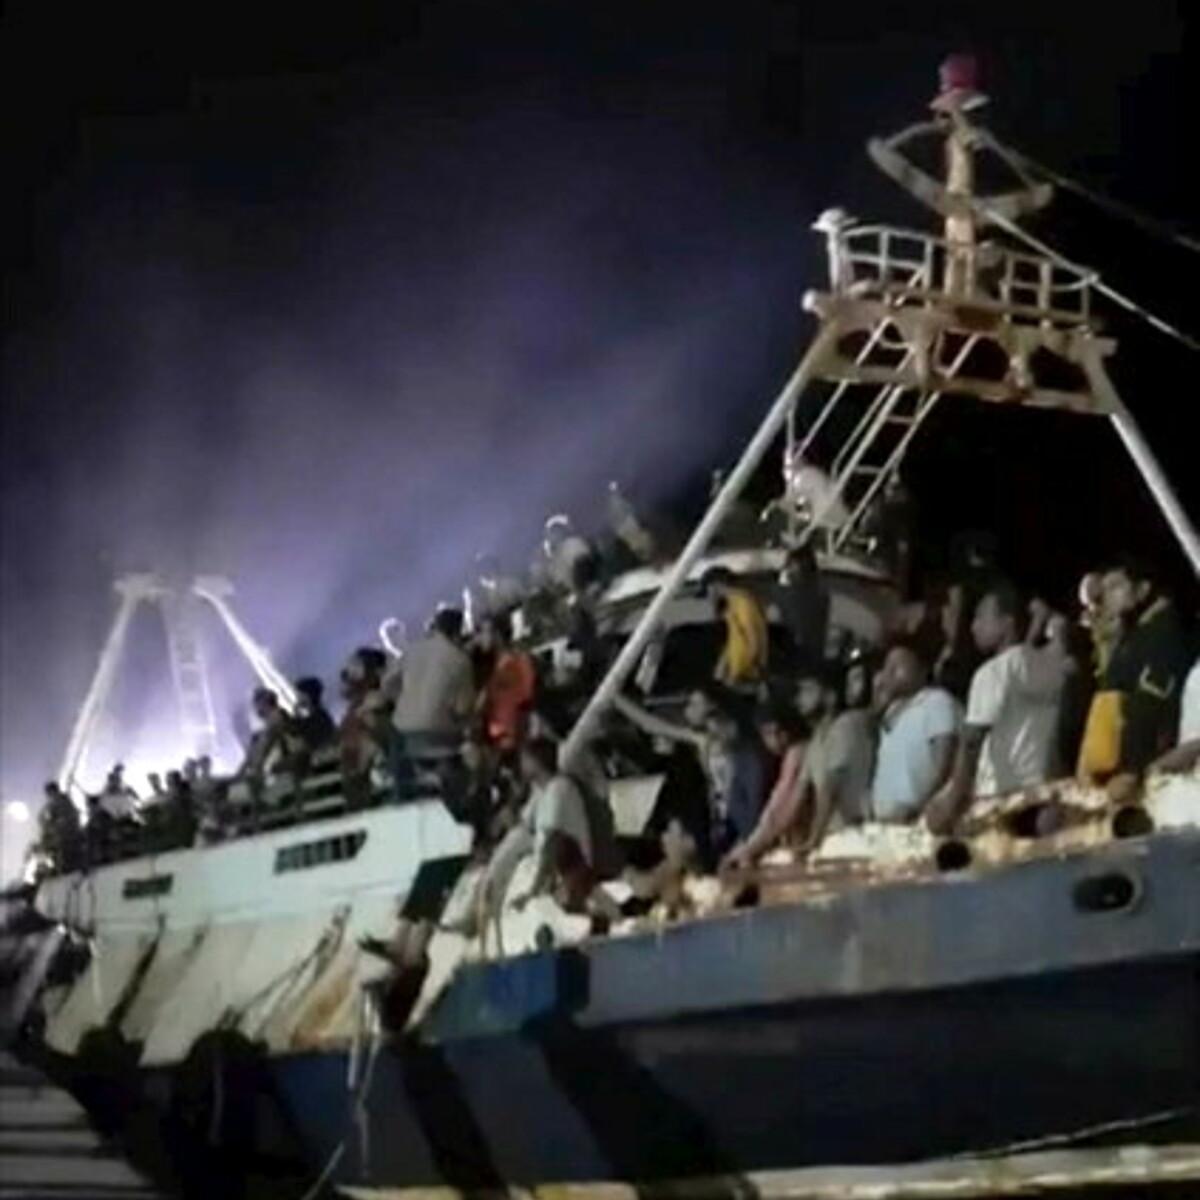 Più di 500 migranti sbarcati da un vecchio peschereccio di ferro